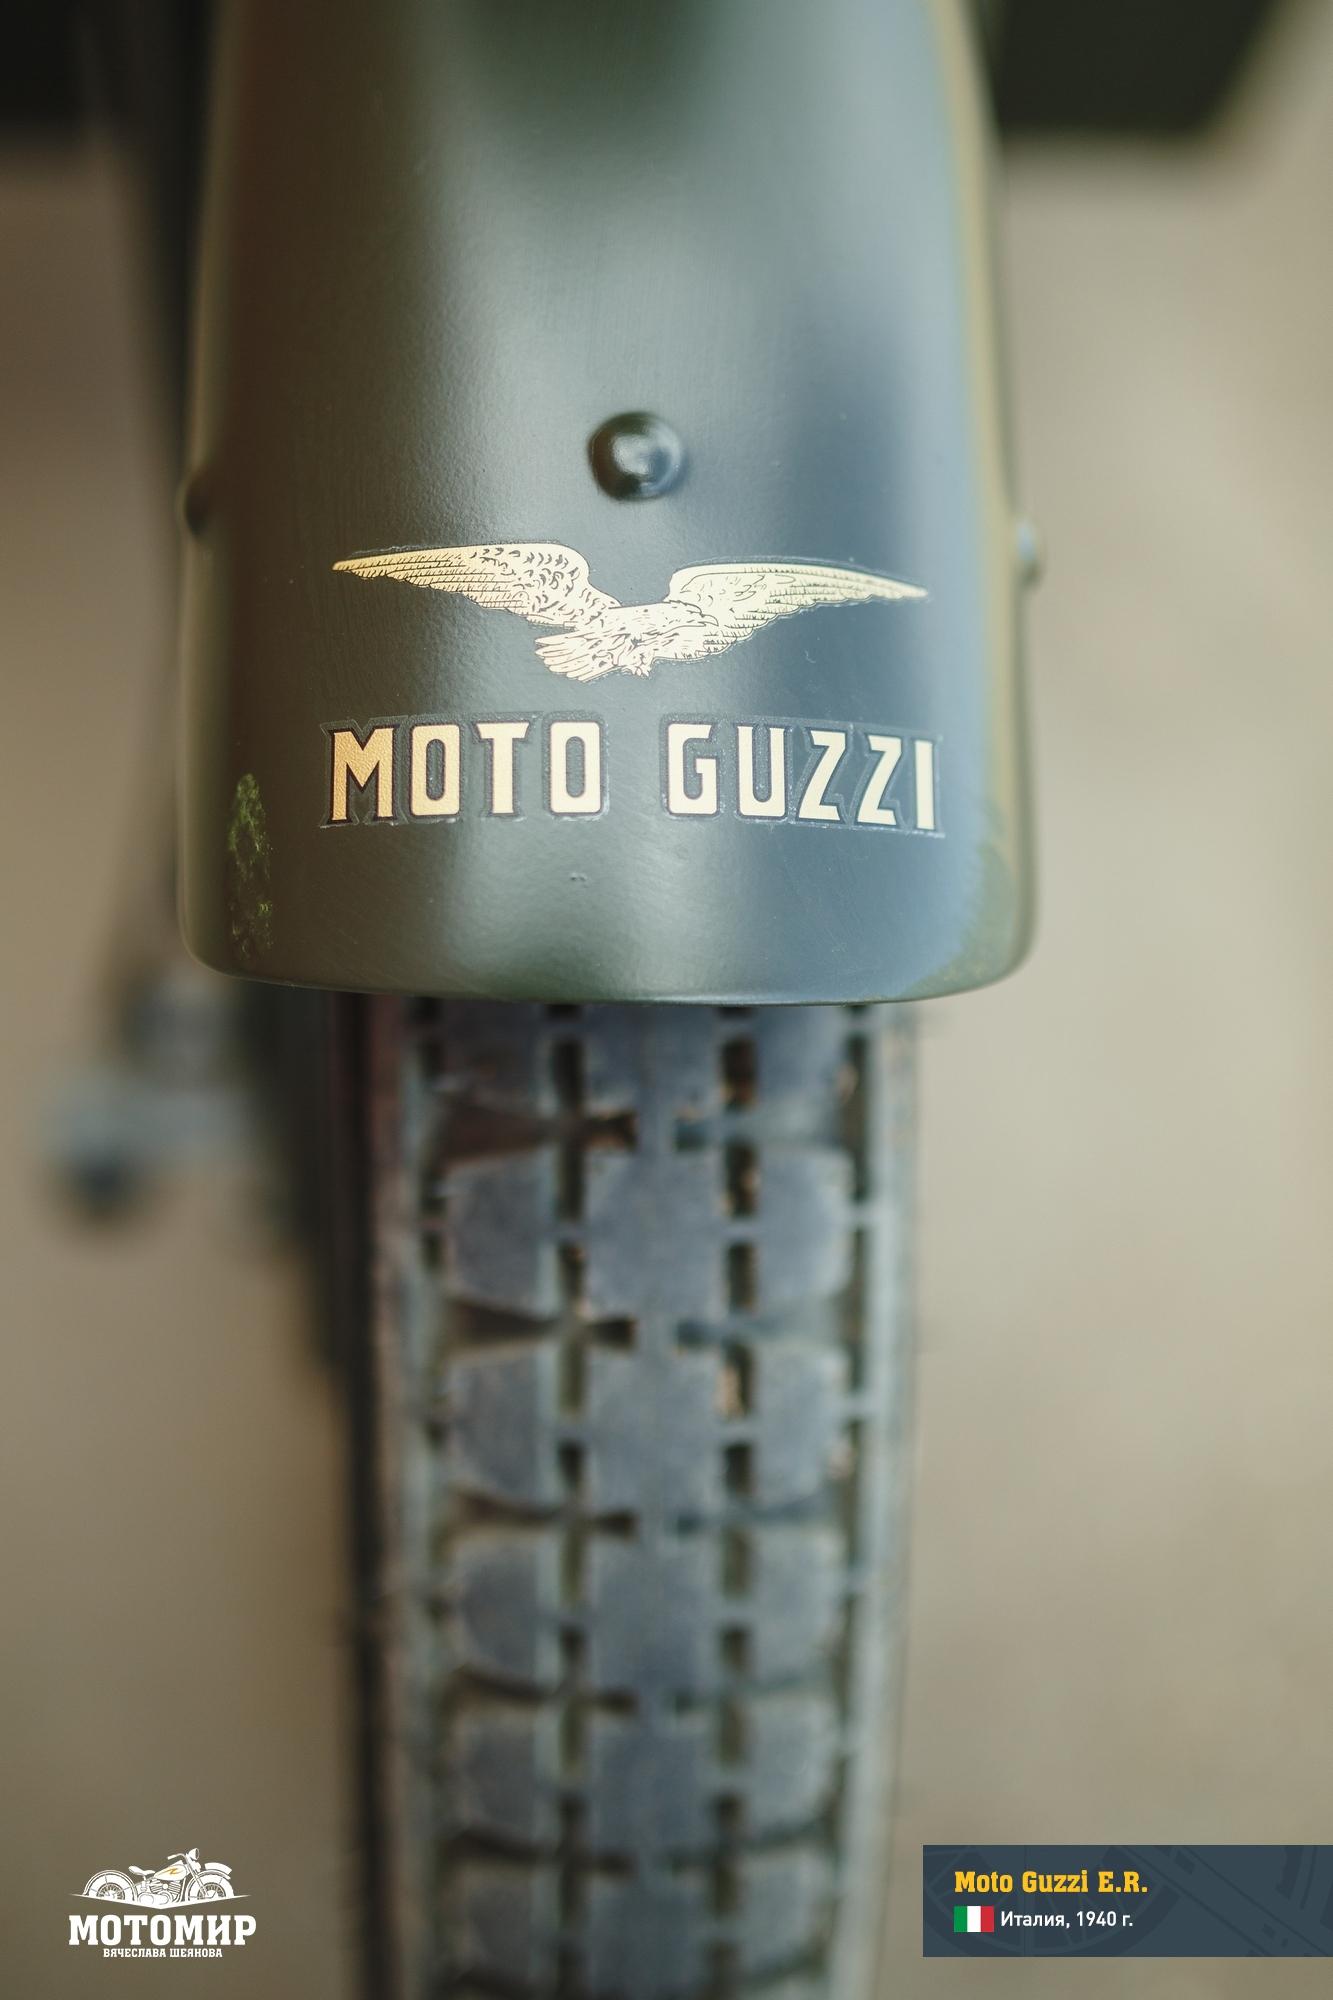 moto-guzzi-er-201508-web-22